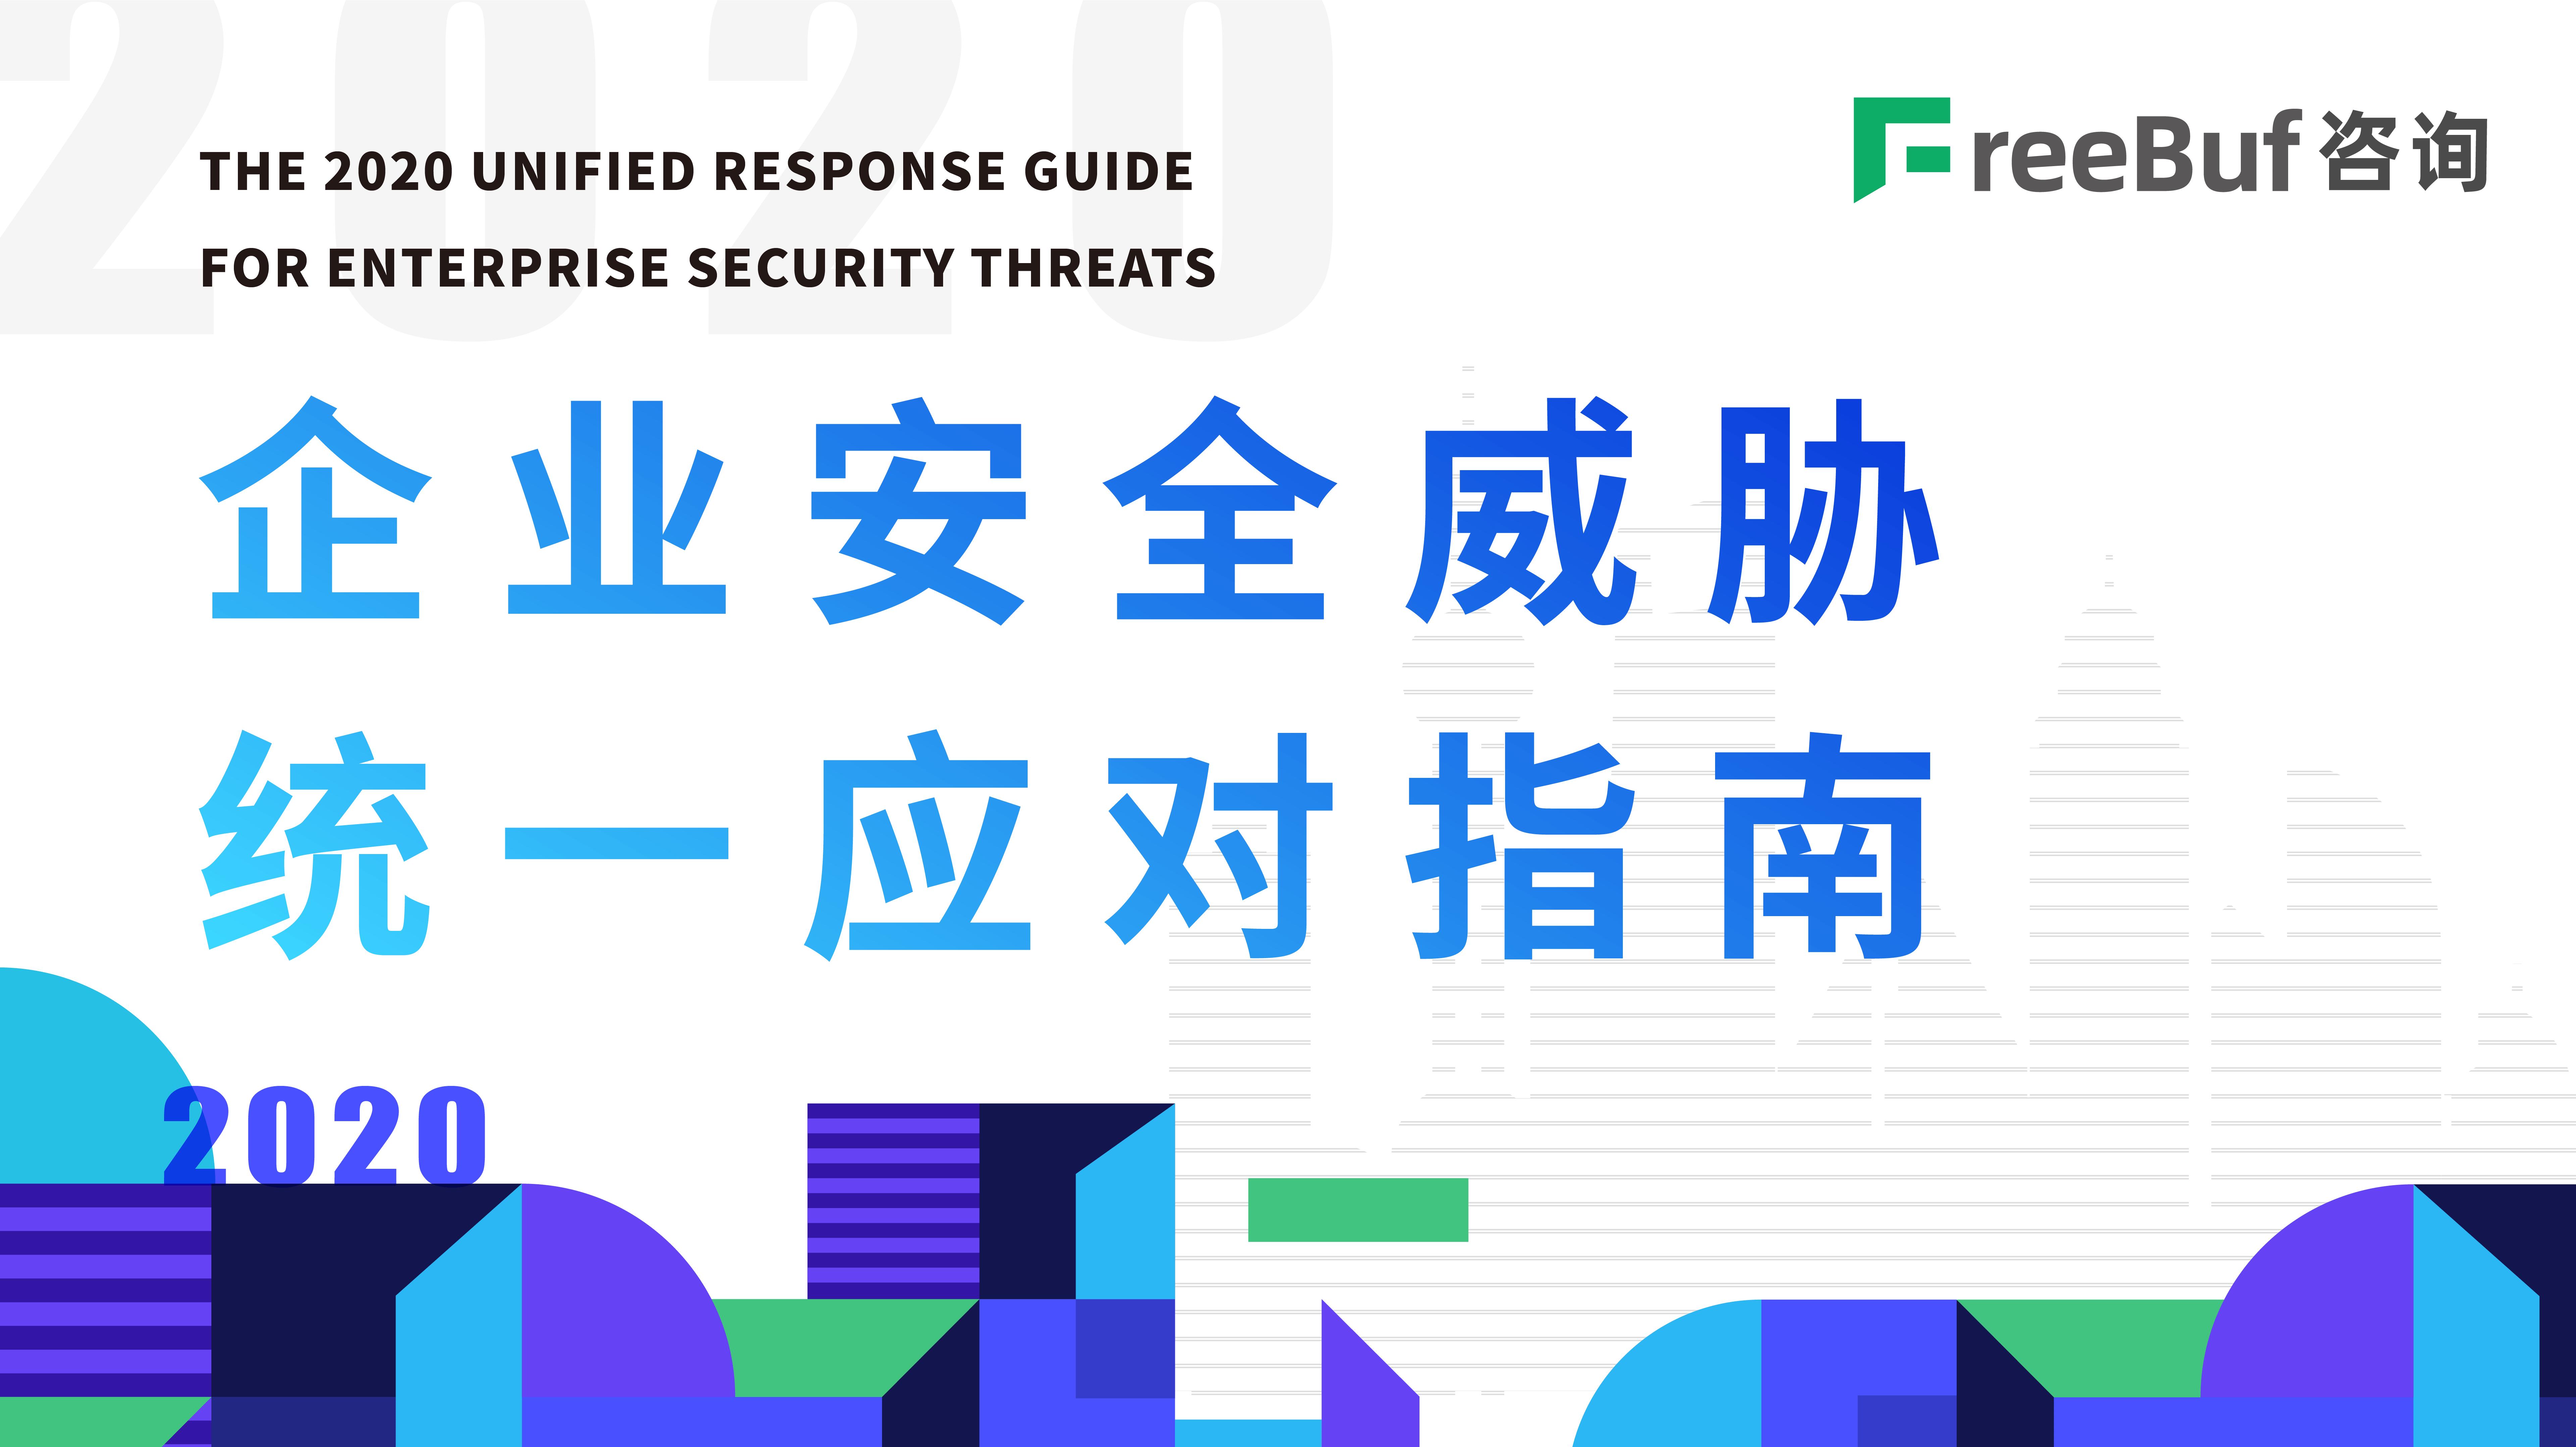 《2020企业安全威胁统一应对指南》即将发布 | FreeBuf咨询